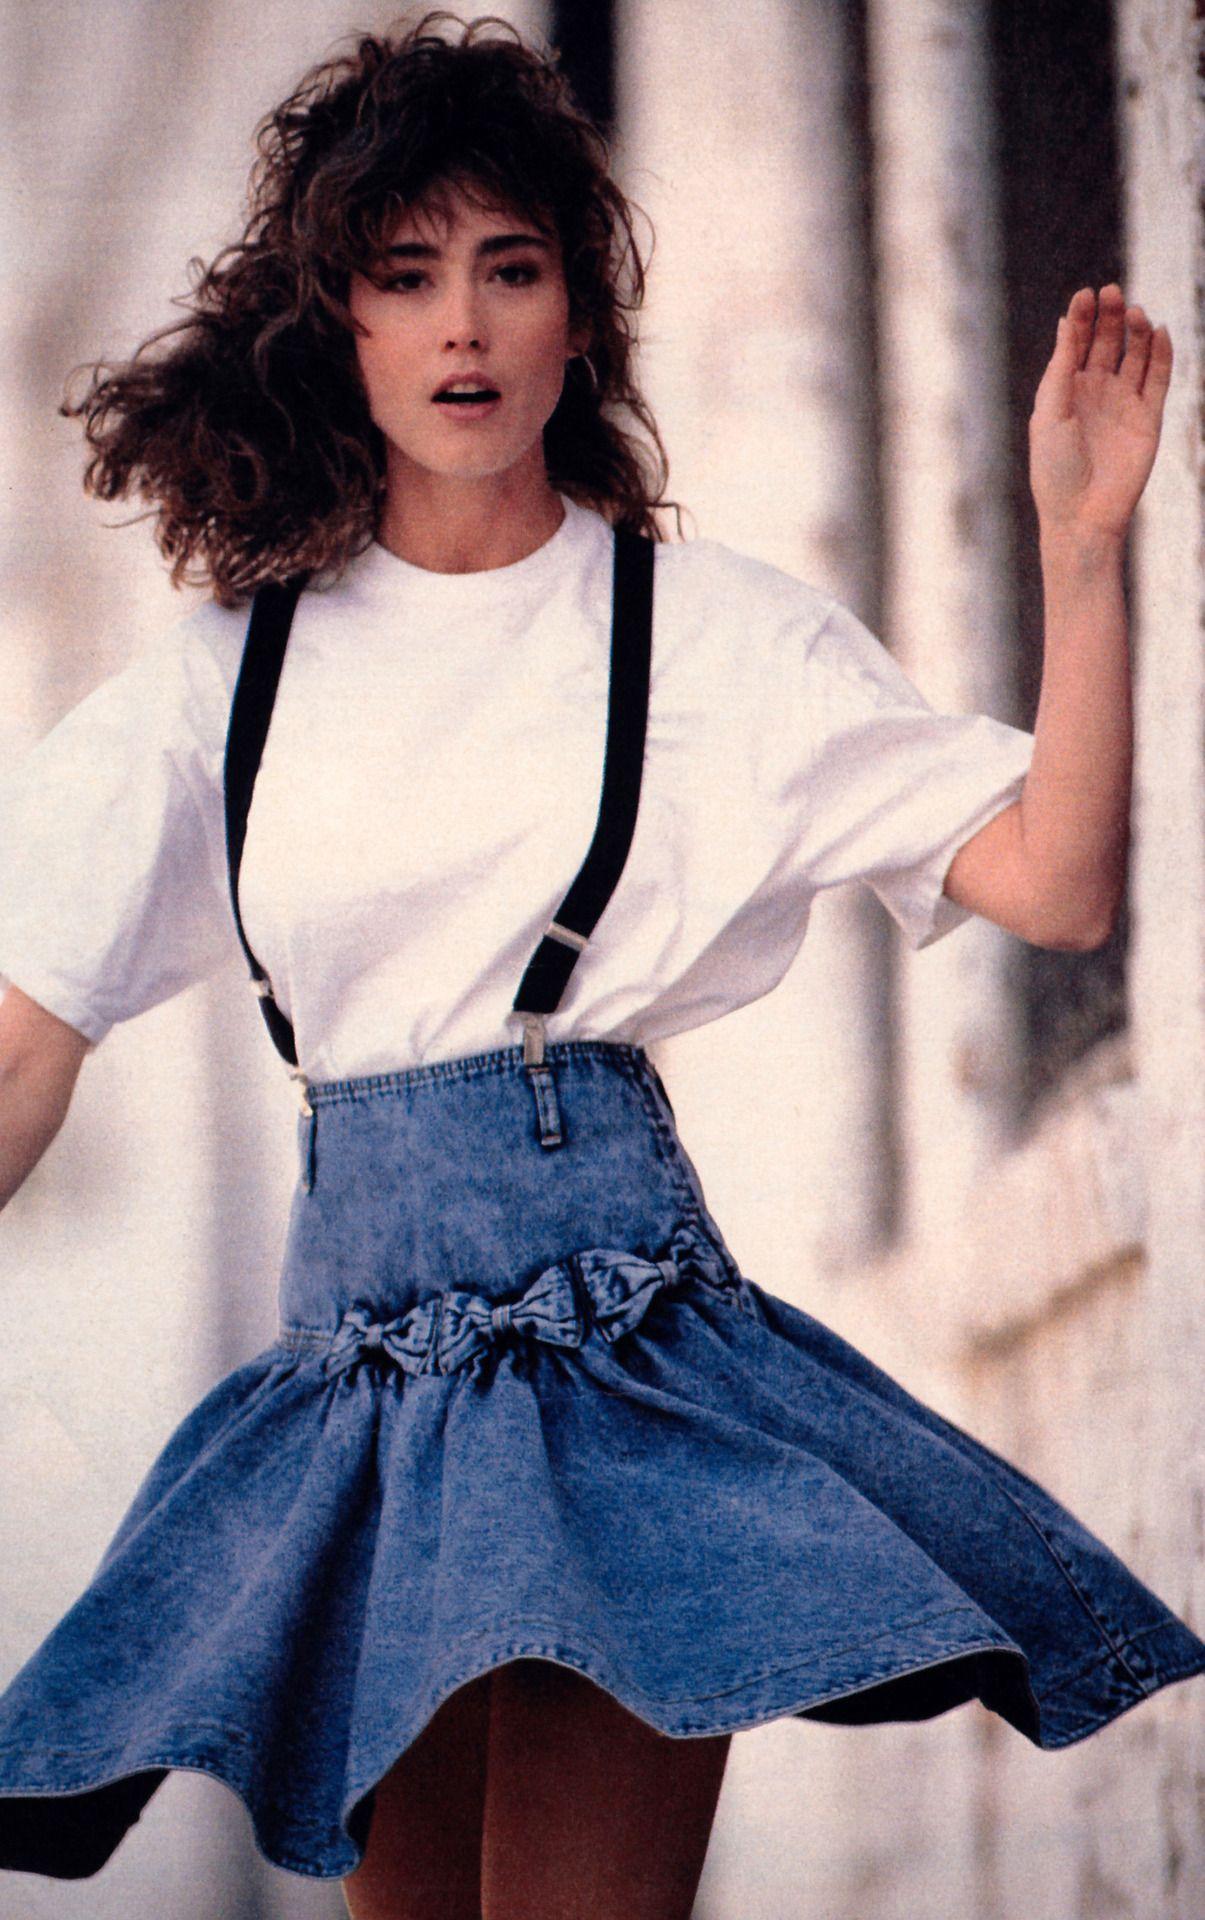 Periodicult 1980 1989 1980s Fashion Trends 80s Fashion 1980s Fashion